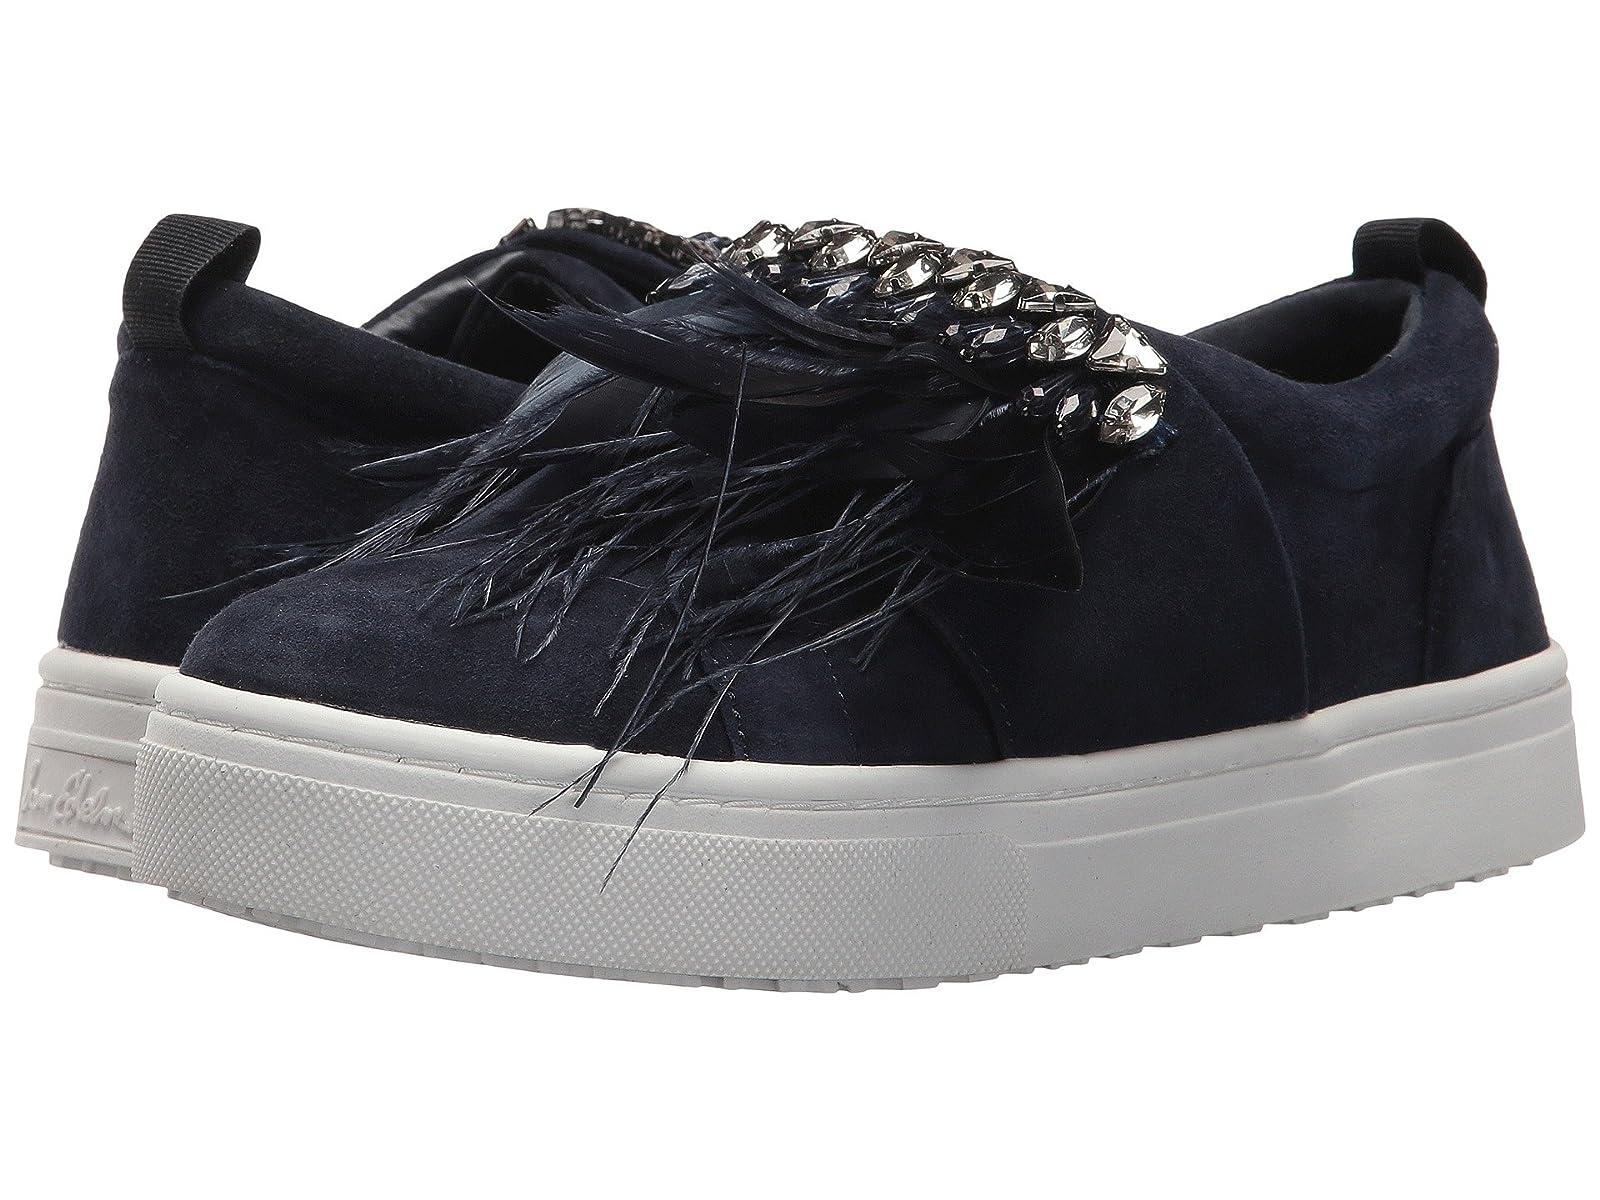 Sam Edelman LelaniCheap and distinctive eye-catching shoes